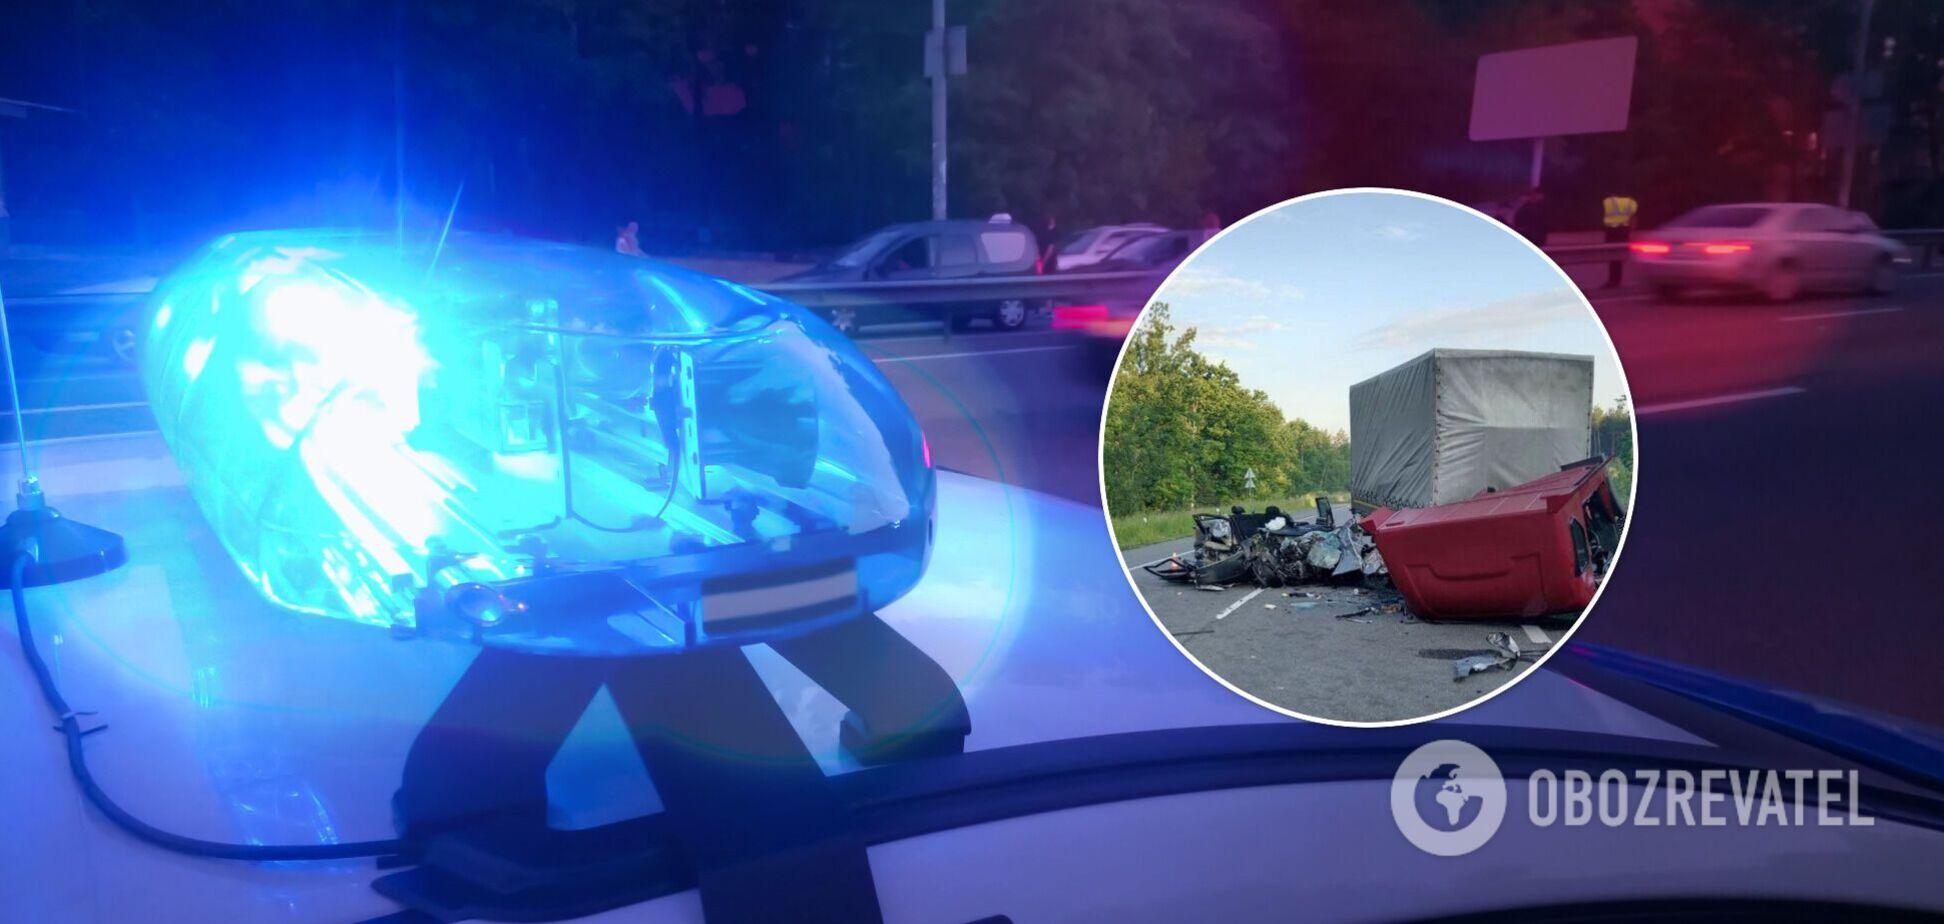 Обстоятельства аварии установят правоохранители